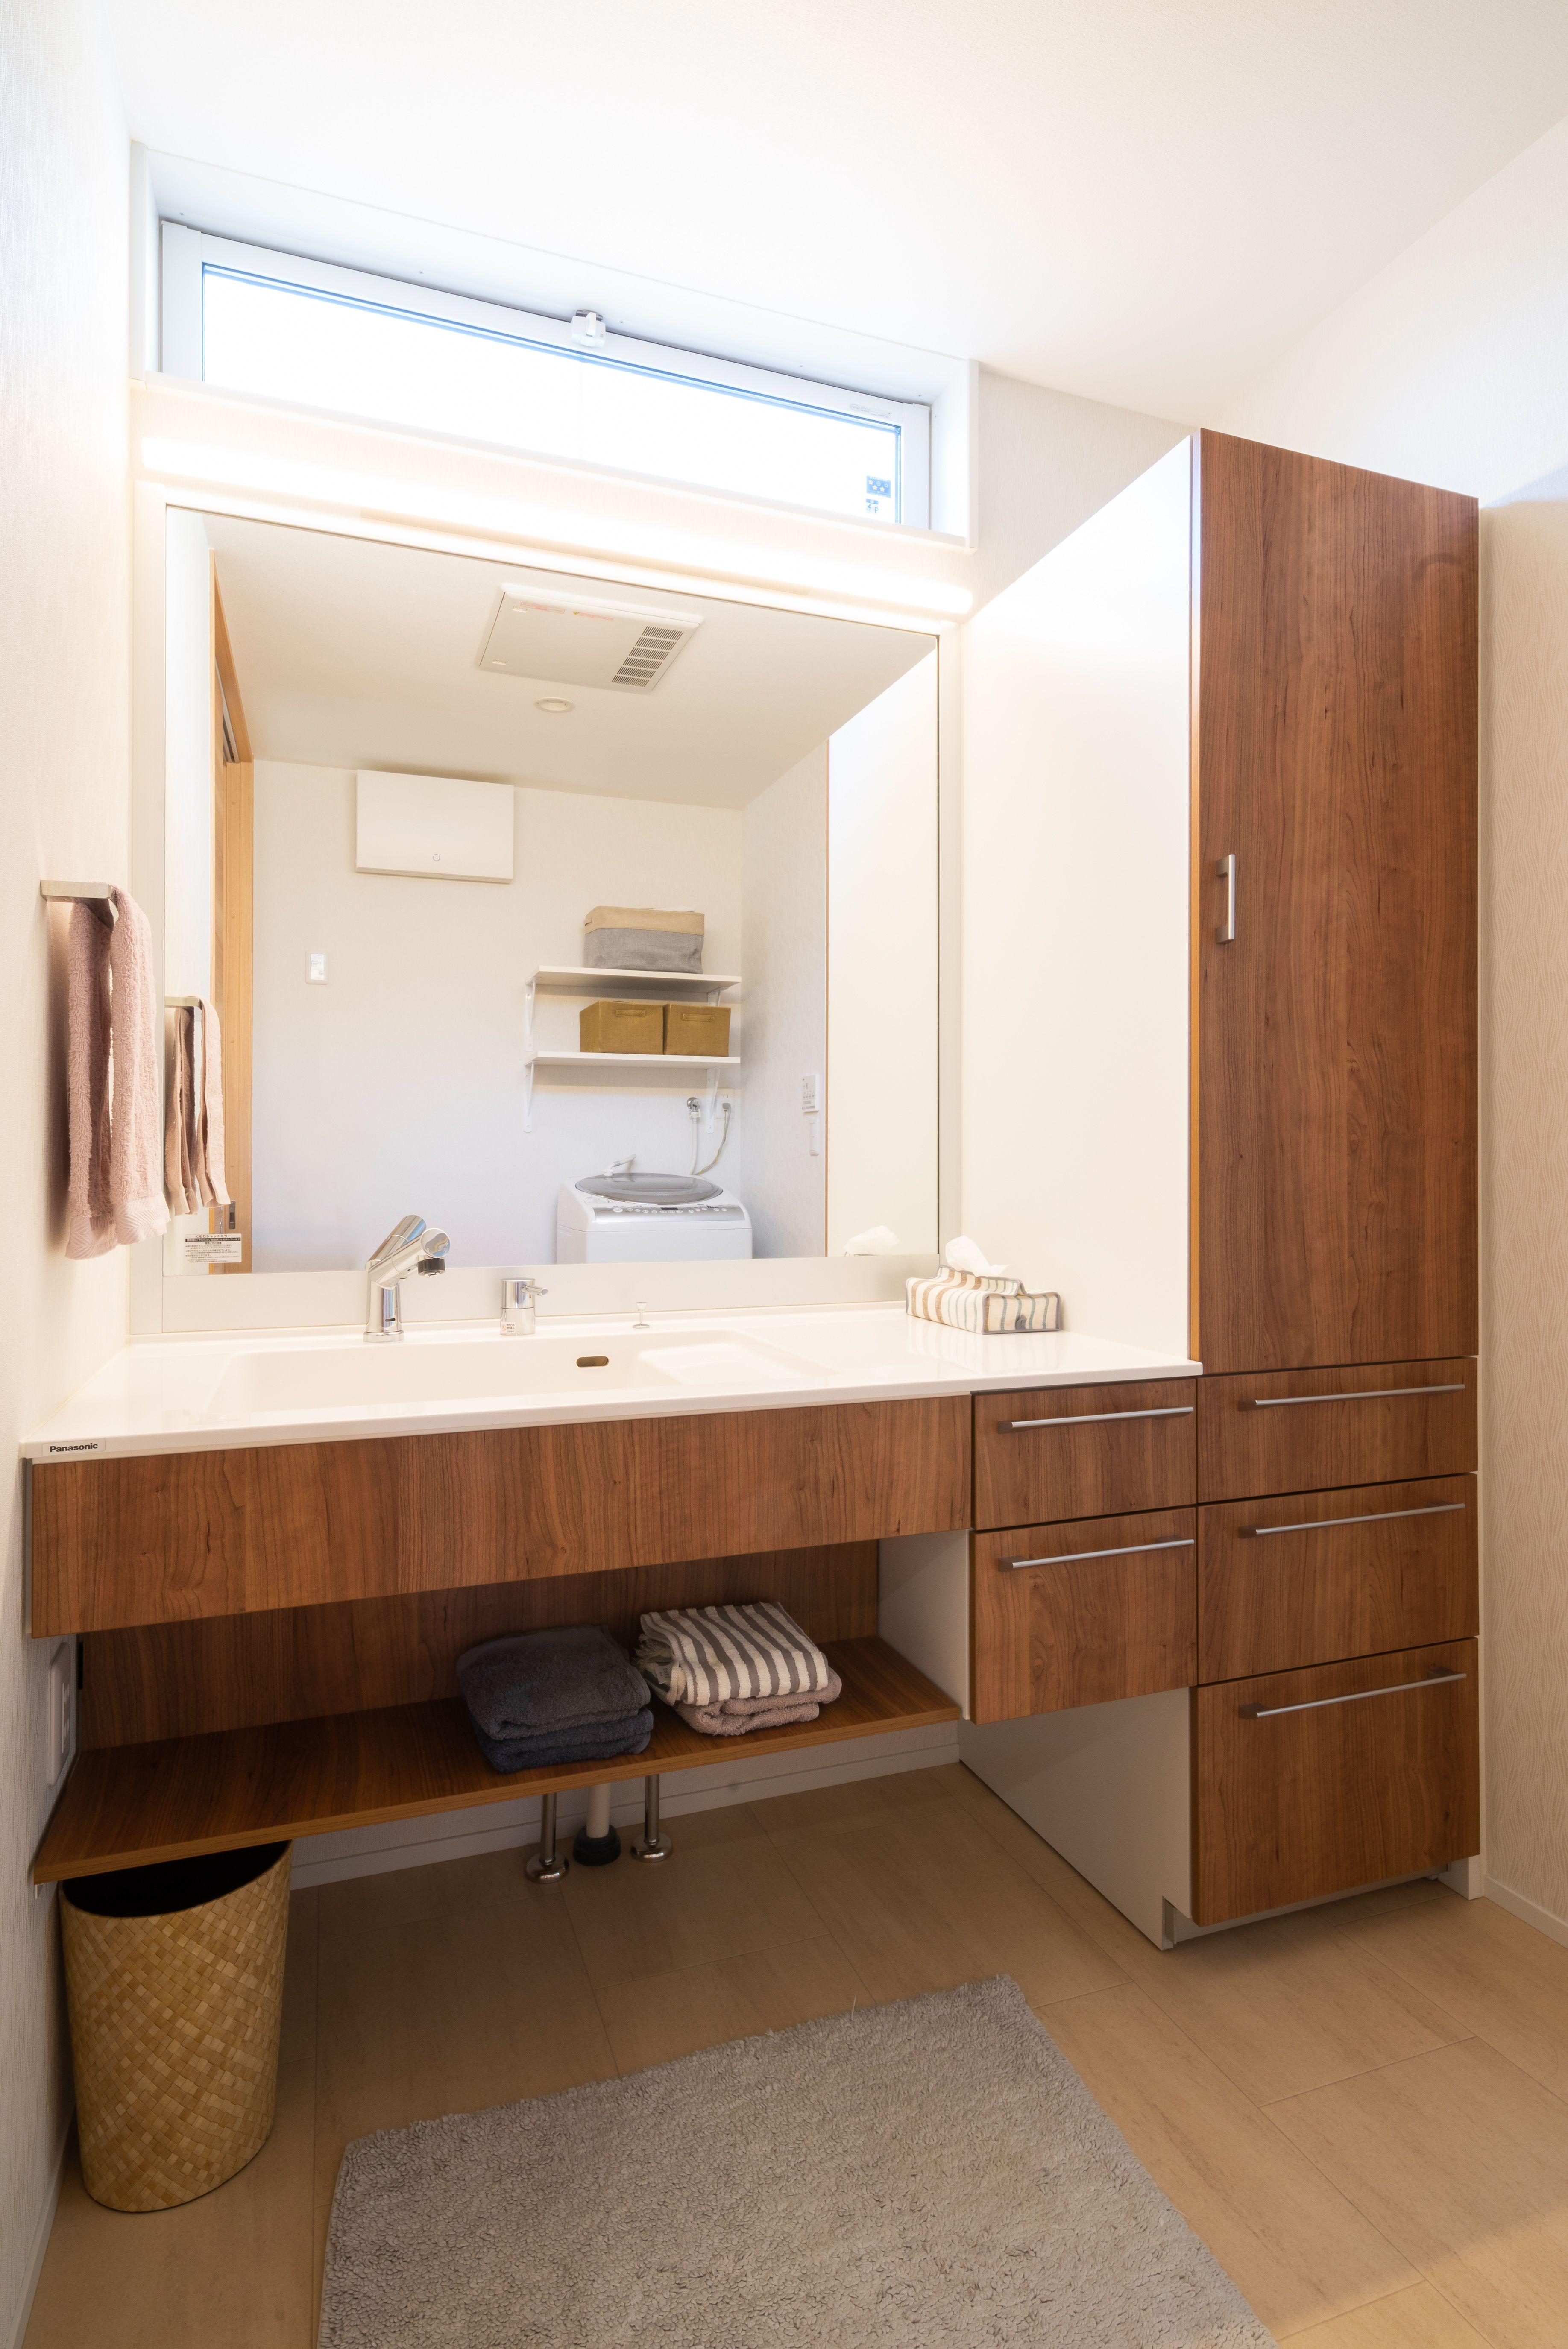 キッチン 洗面 ランドリー 浴室が直線上にあるママ楽な動線